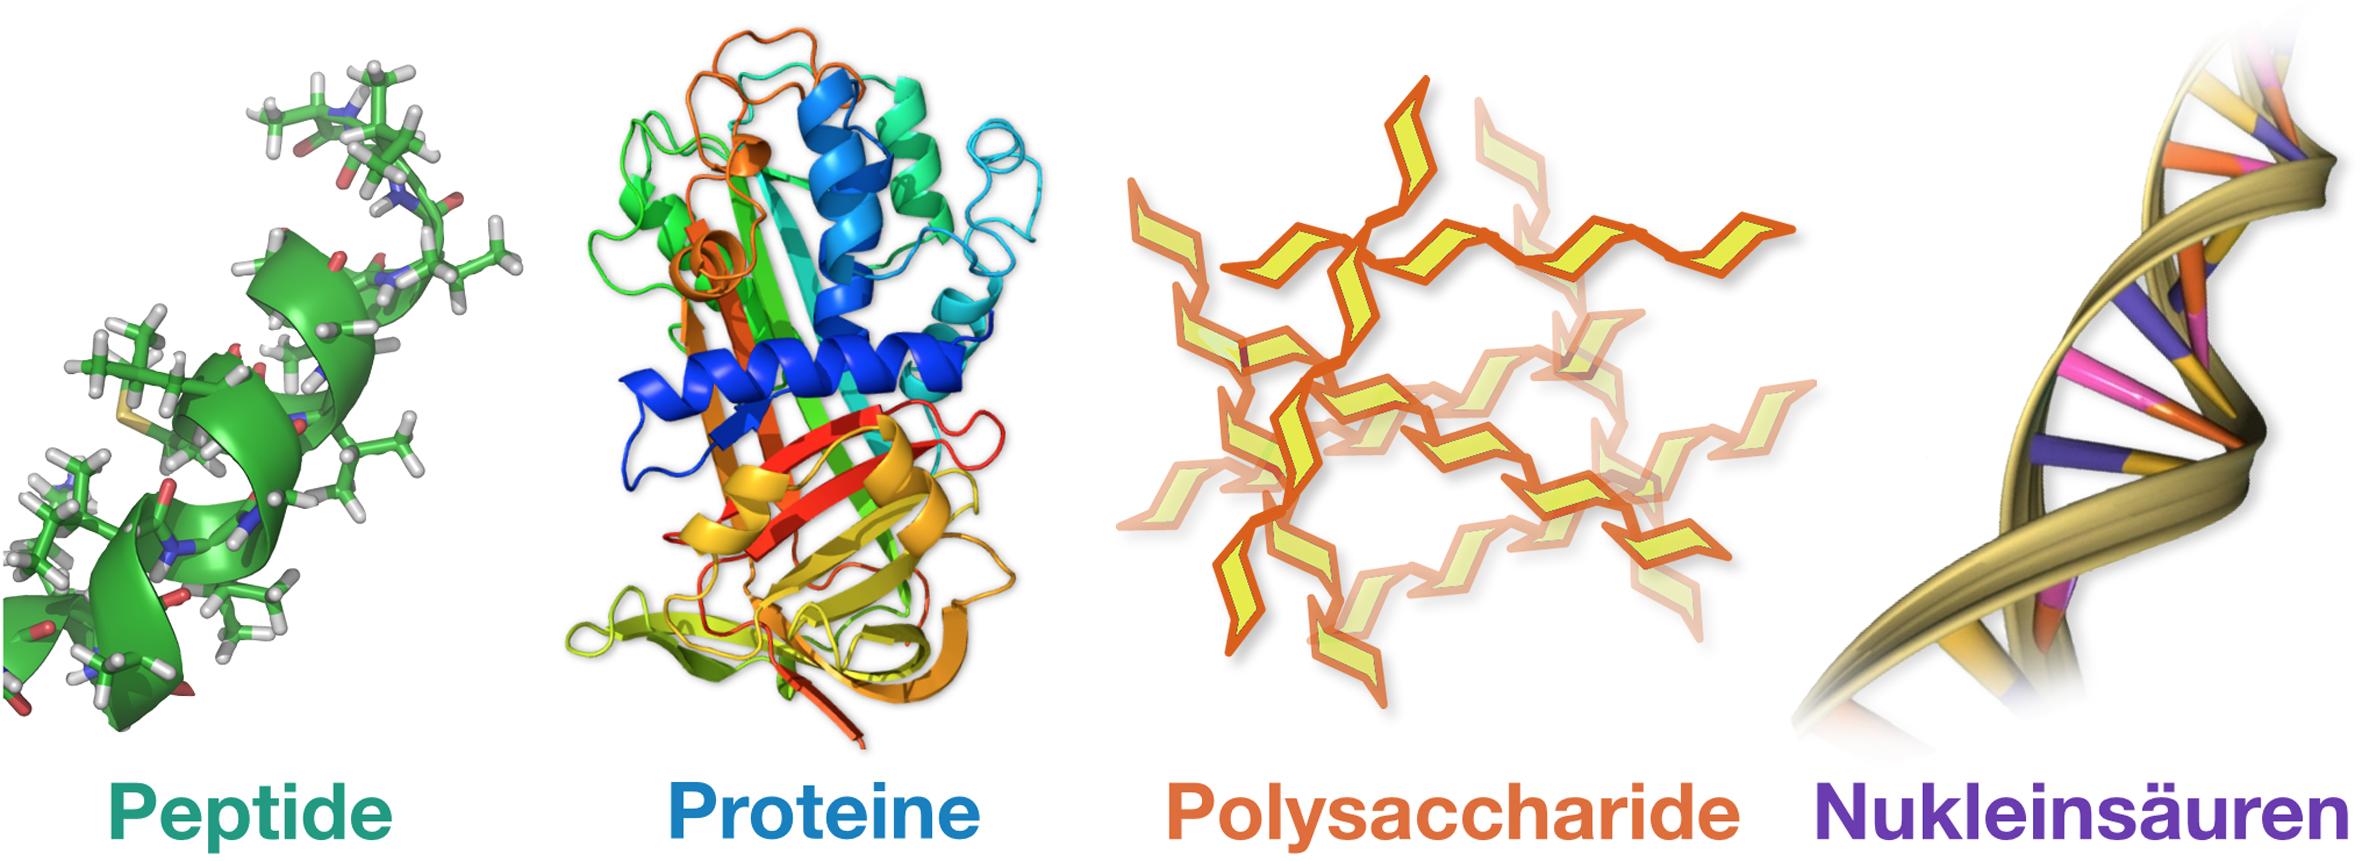 Biopolymere biopolymers Wichlab Peter Wich Proteine Peptide Polysaccharide Nukleinsäuren